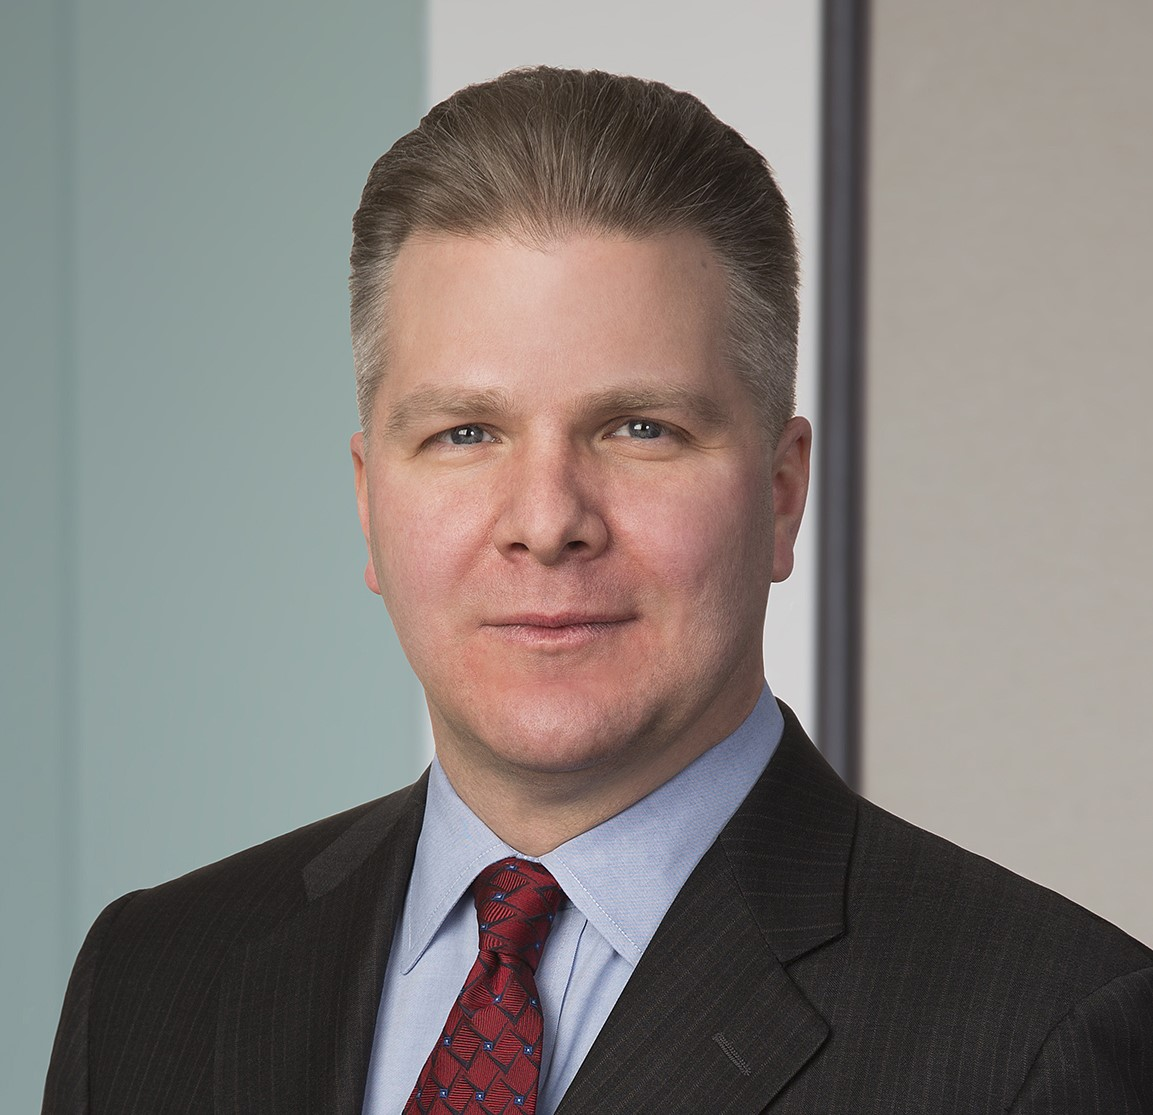 Jeffrey A. Liesemer - Caplin & Drysdale, Chartered